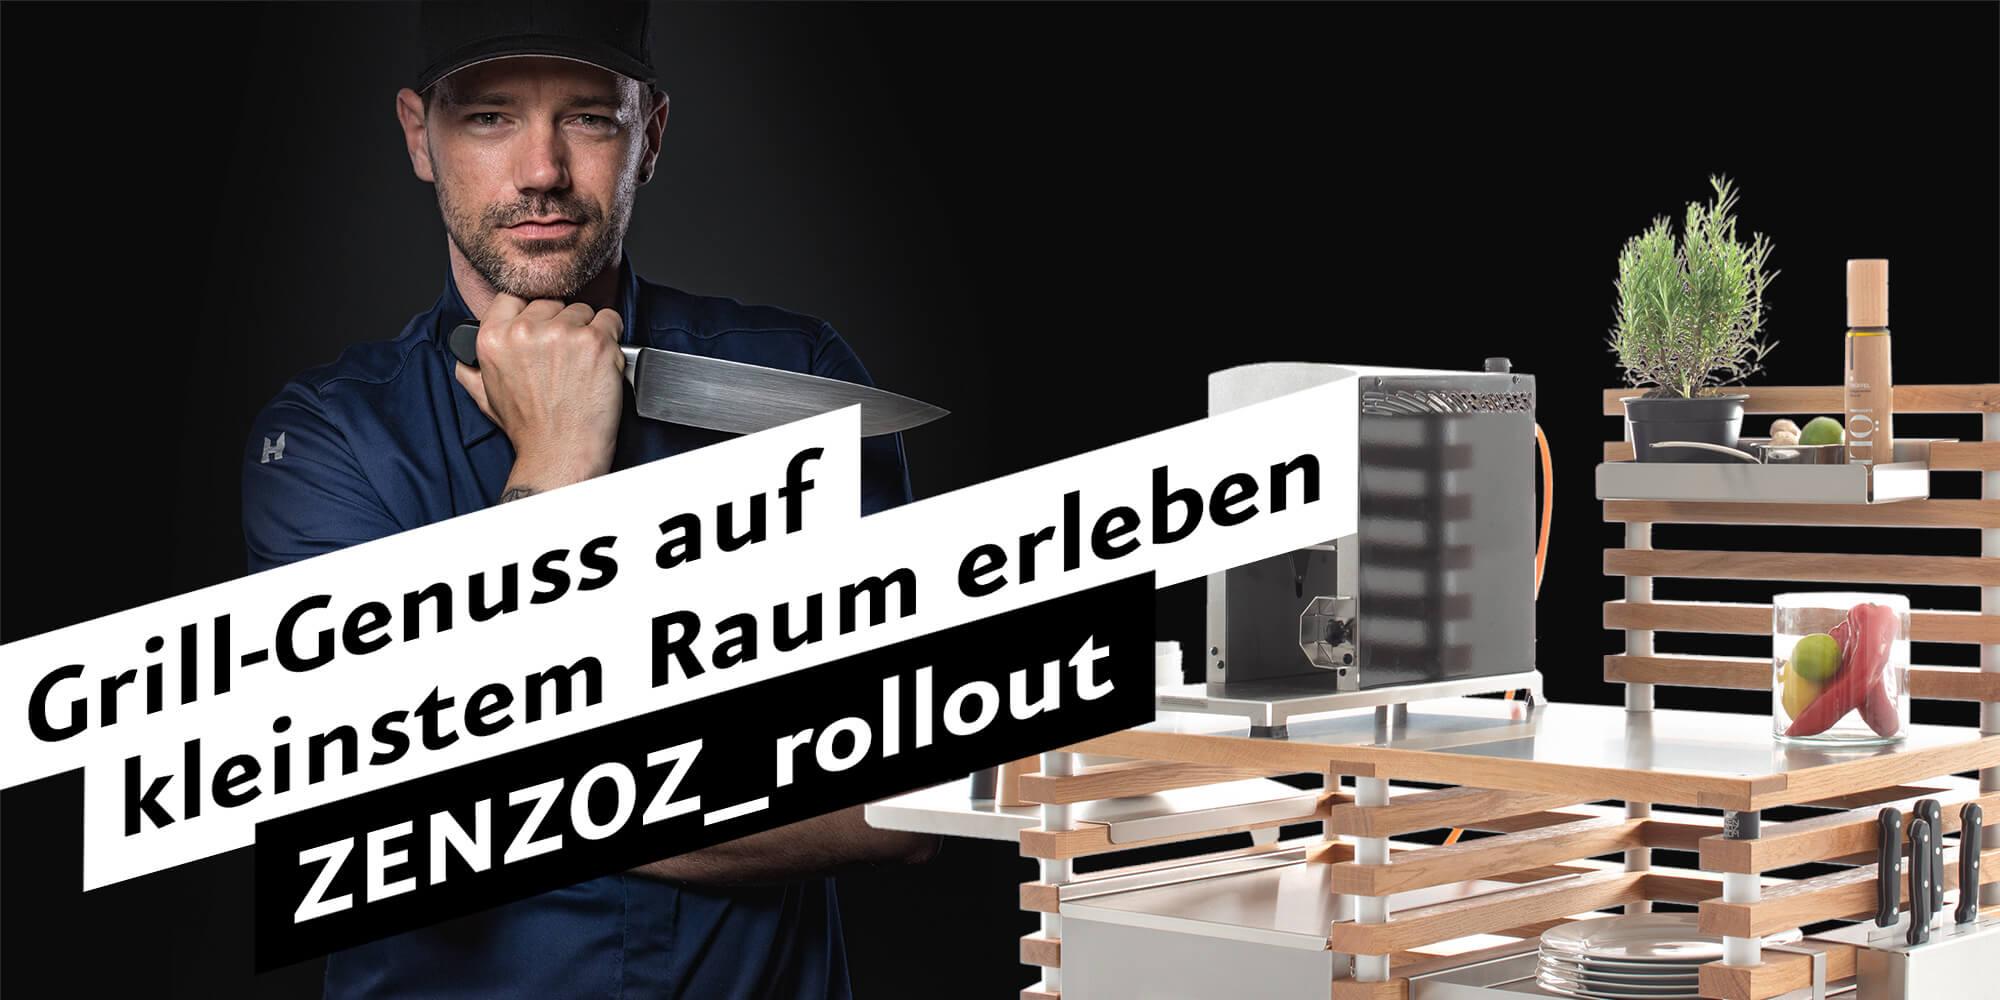 ZENZOZ_Produkt_Teaser_rollout